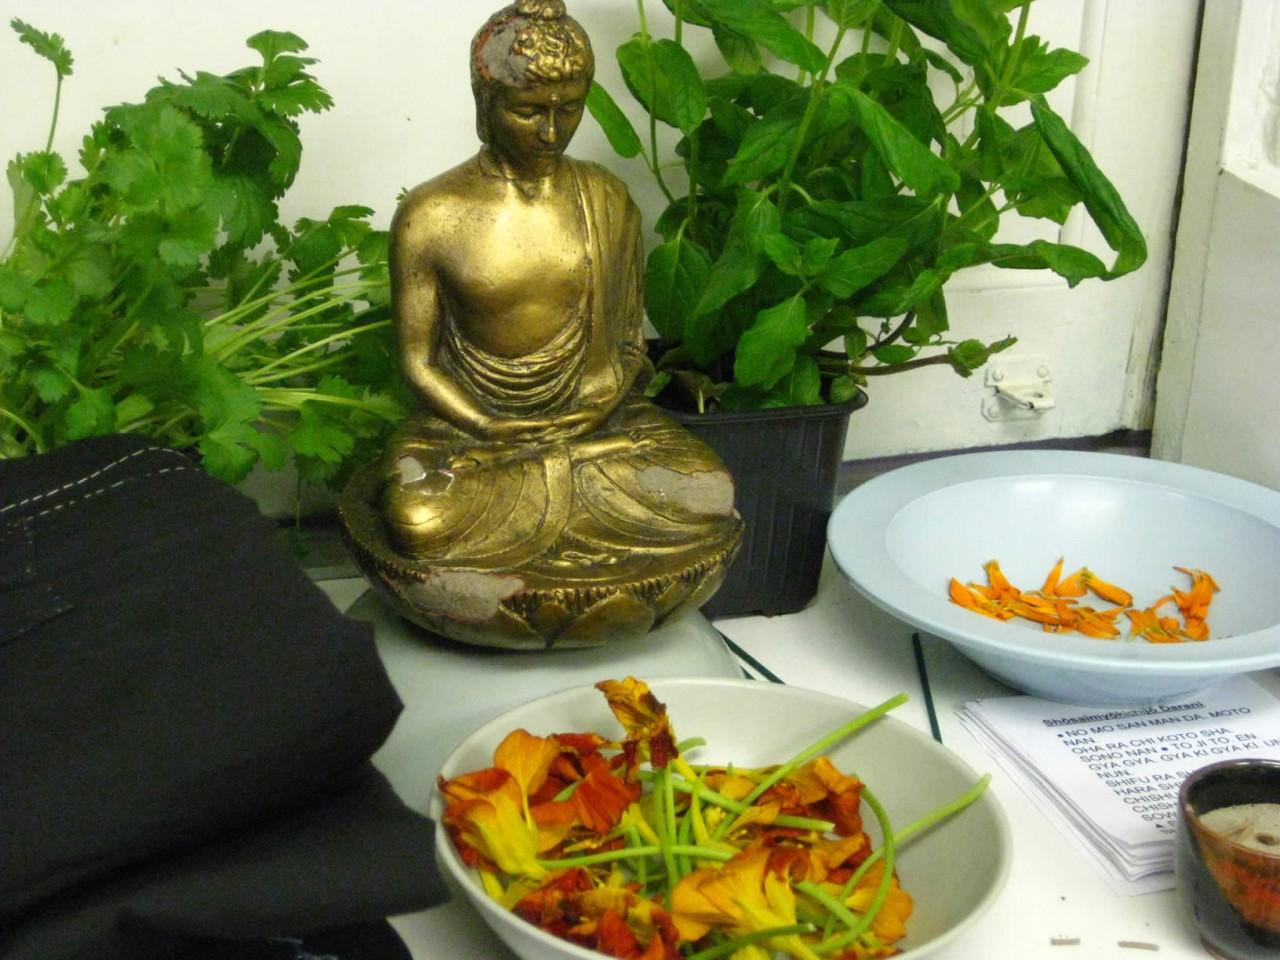 Buddha's kitchen herb garden